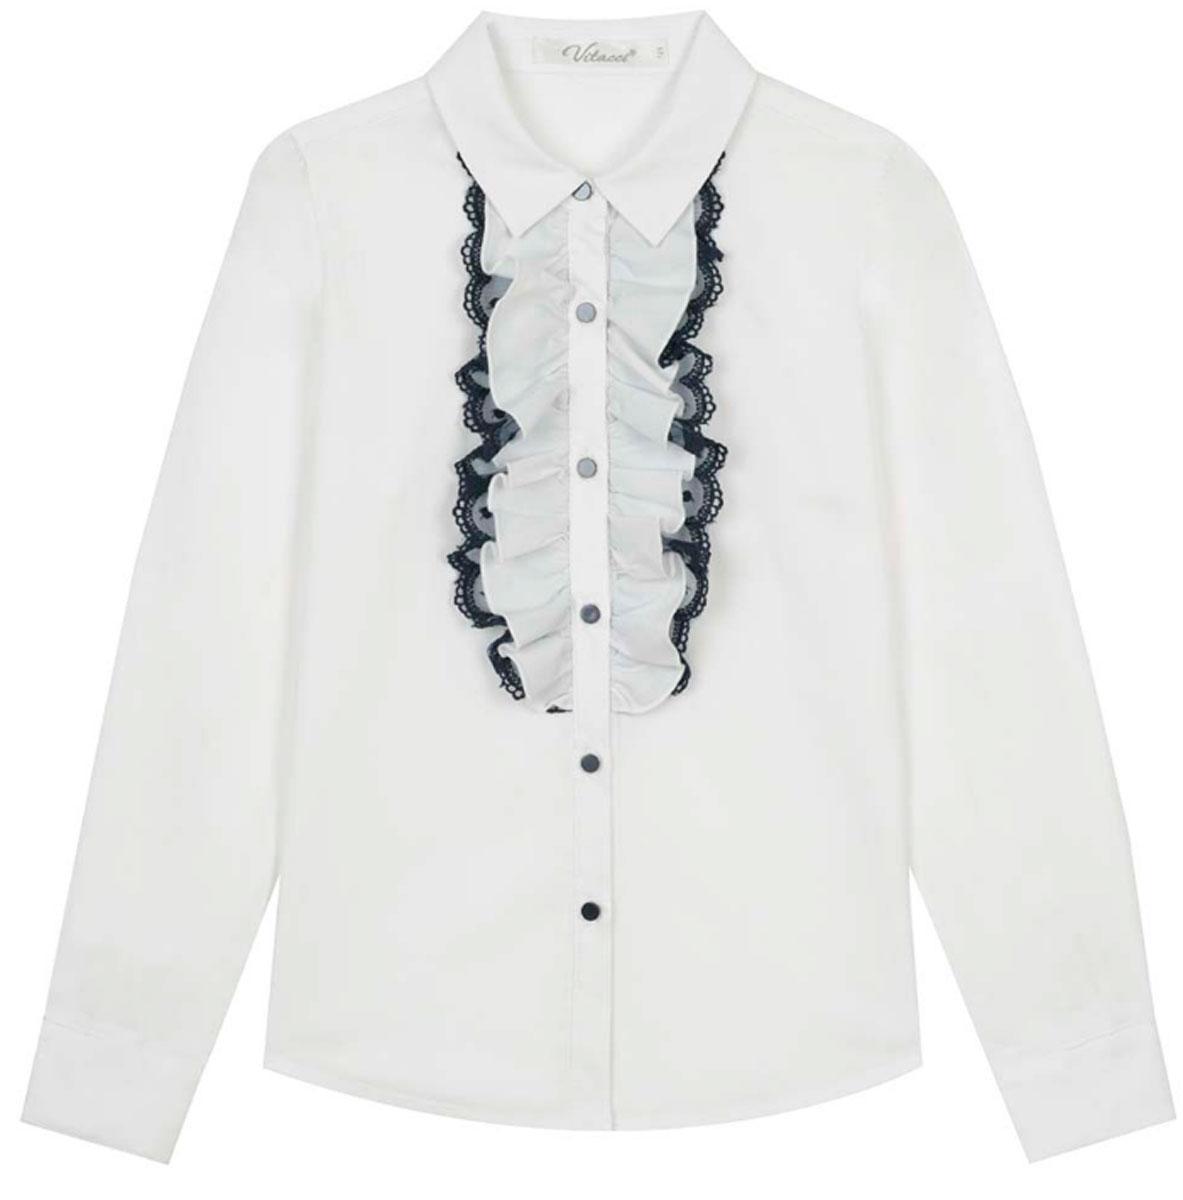 Блузка для девочки Vitacci, цвет: белый. 2173217-01. Размер 1402173217-01Школьная блузка для девочки от Vitacci выполнена из хлопкового материала. Модель с длинными рукавами и отложным воротничком застегивается на пуговицы. На полочке блузка декорирована жабо.